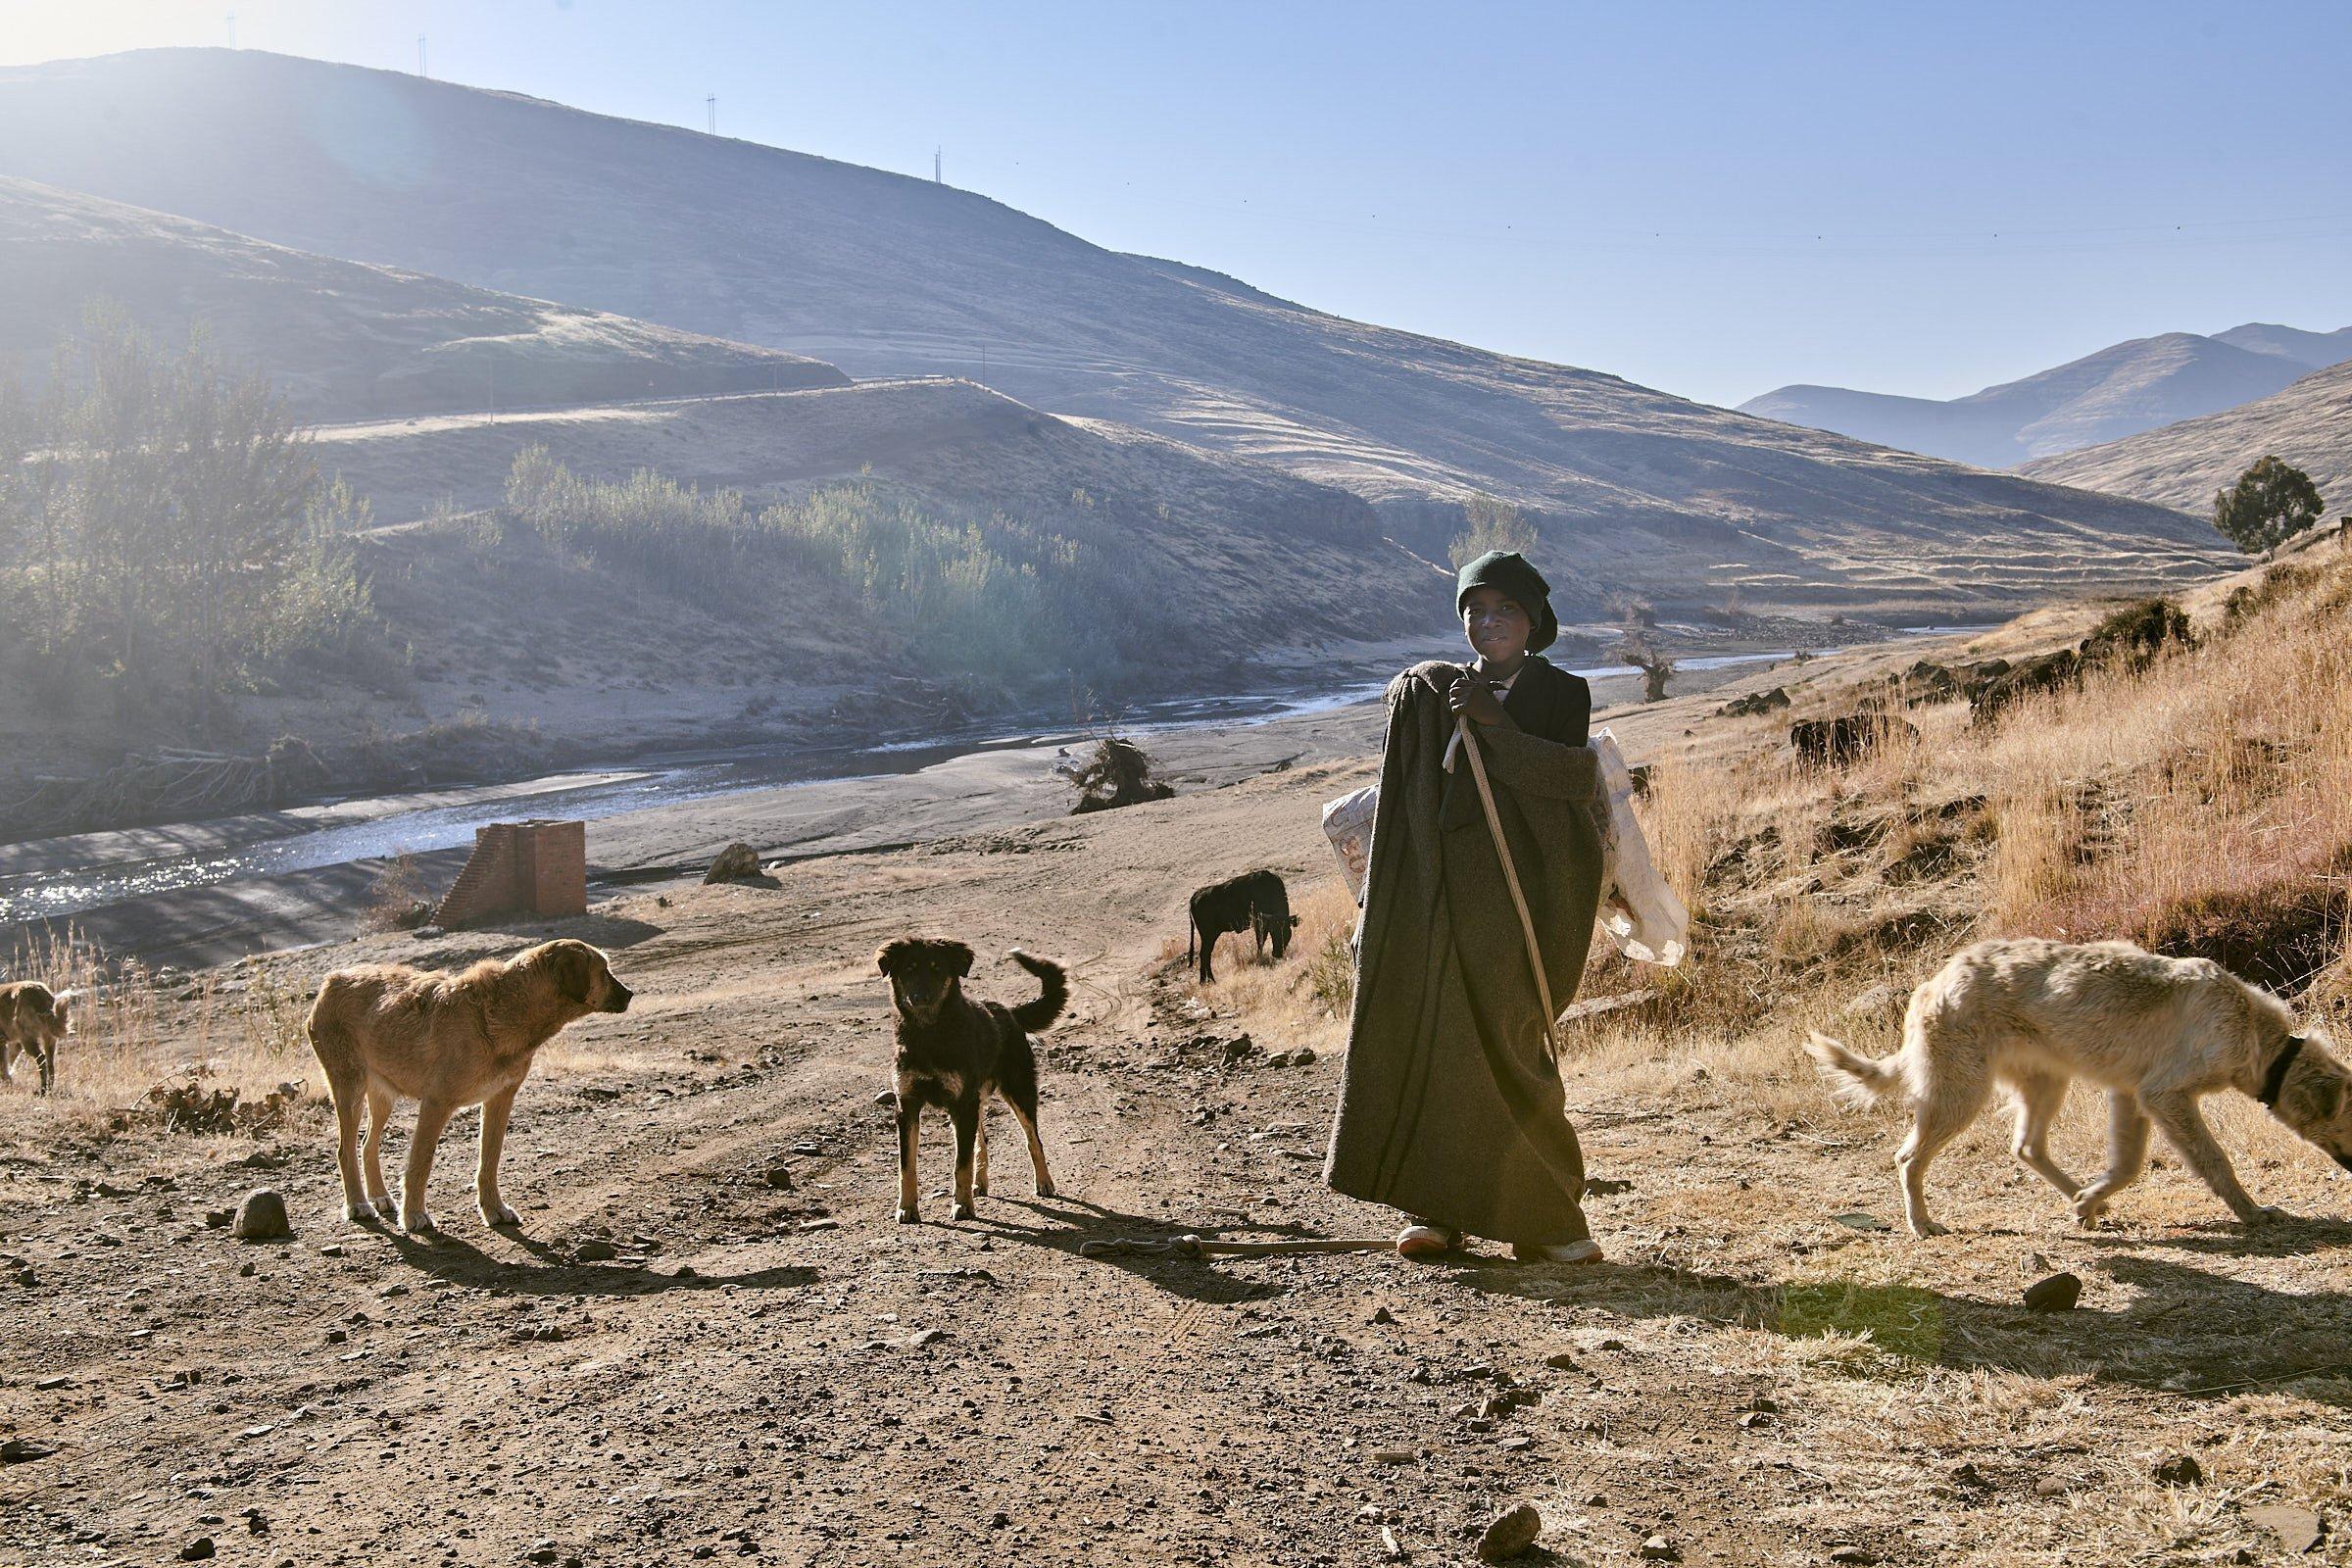 Der Hirtenjunge ist in eine Wolldecke gehüllt, umringt von seinen Hunden steht er am Flussufer des Senqu